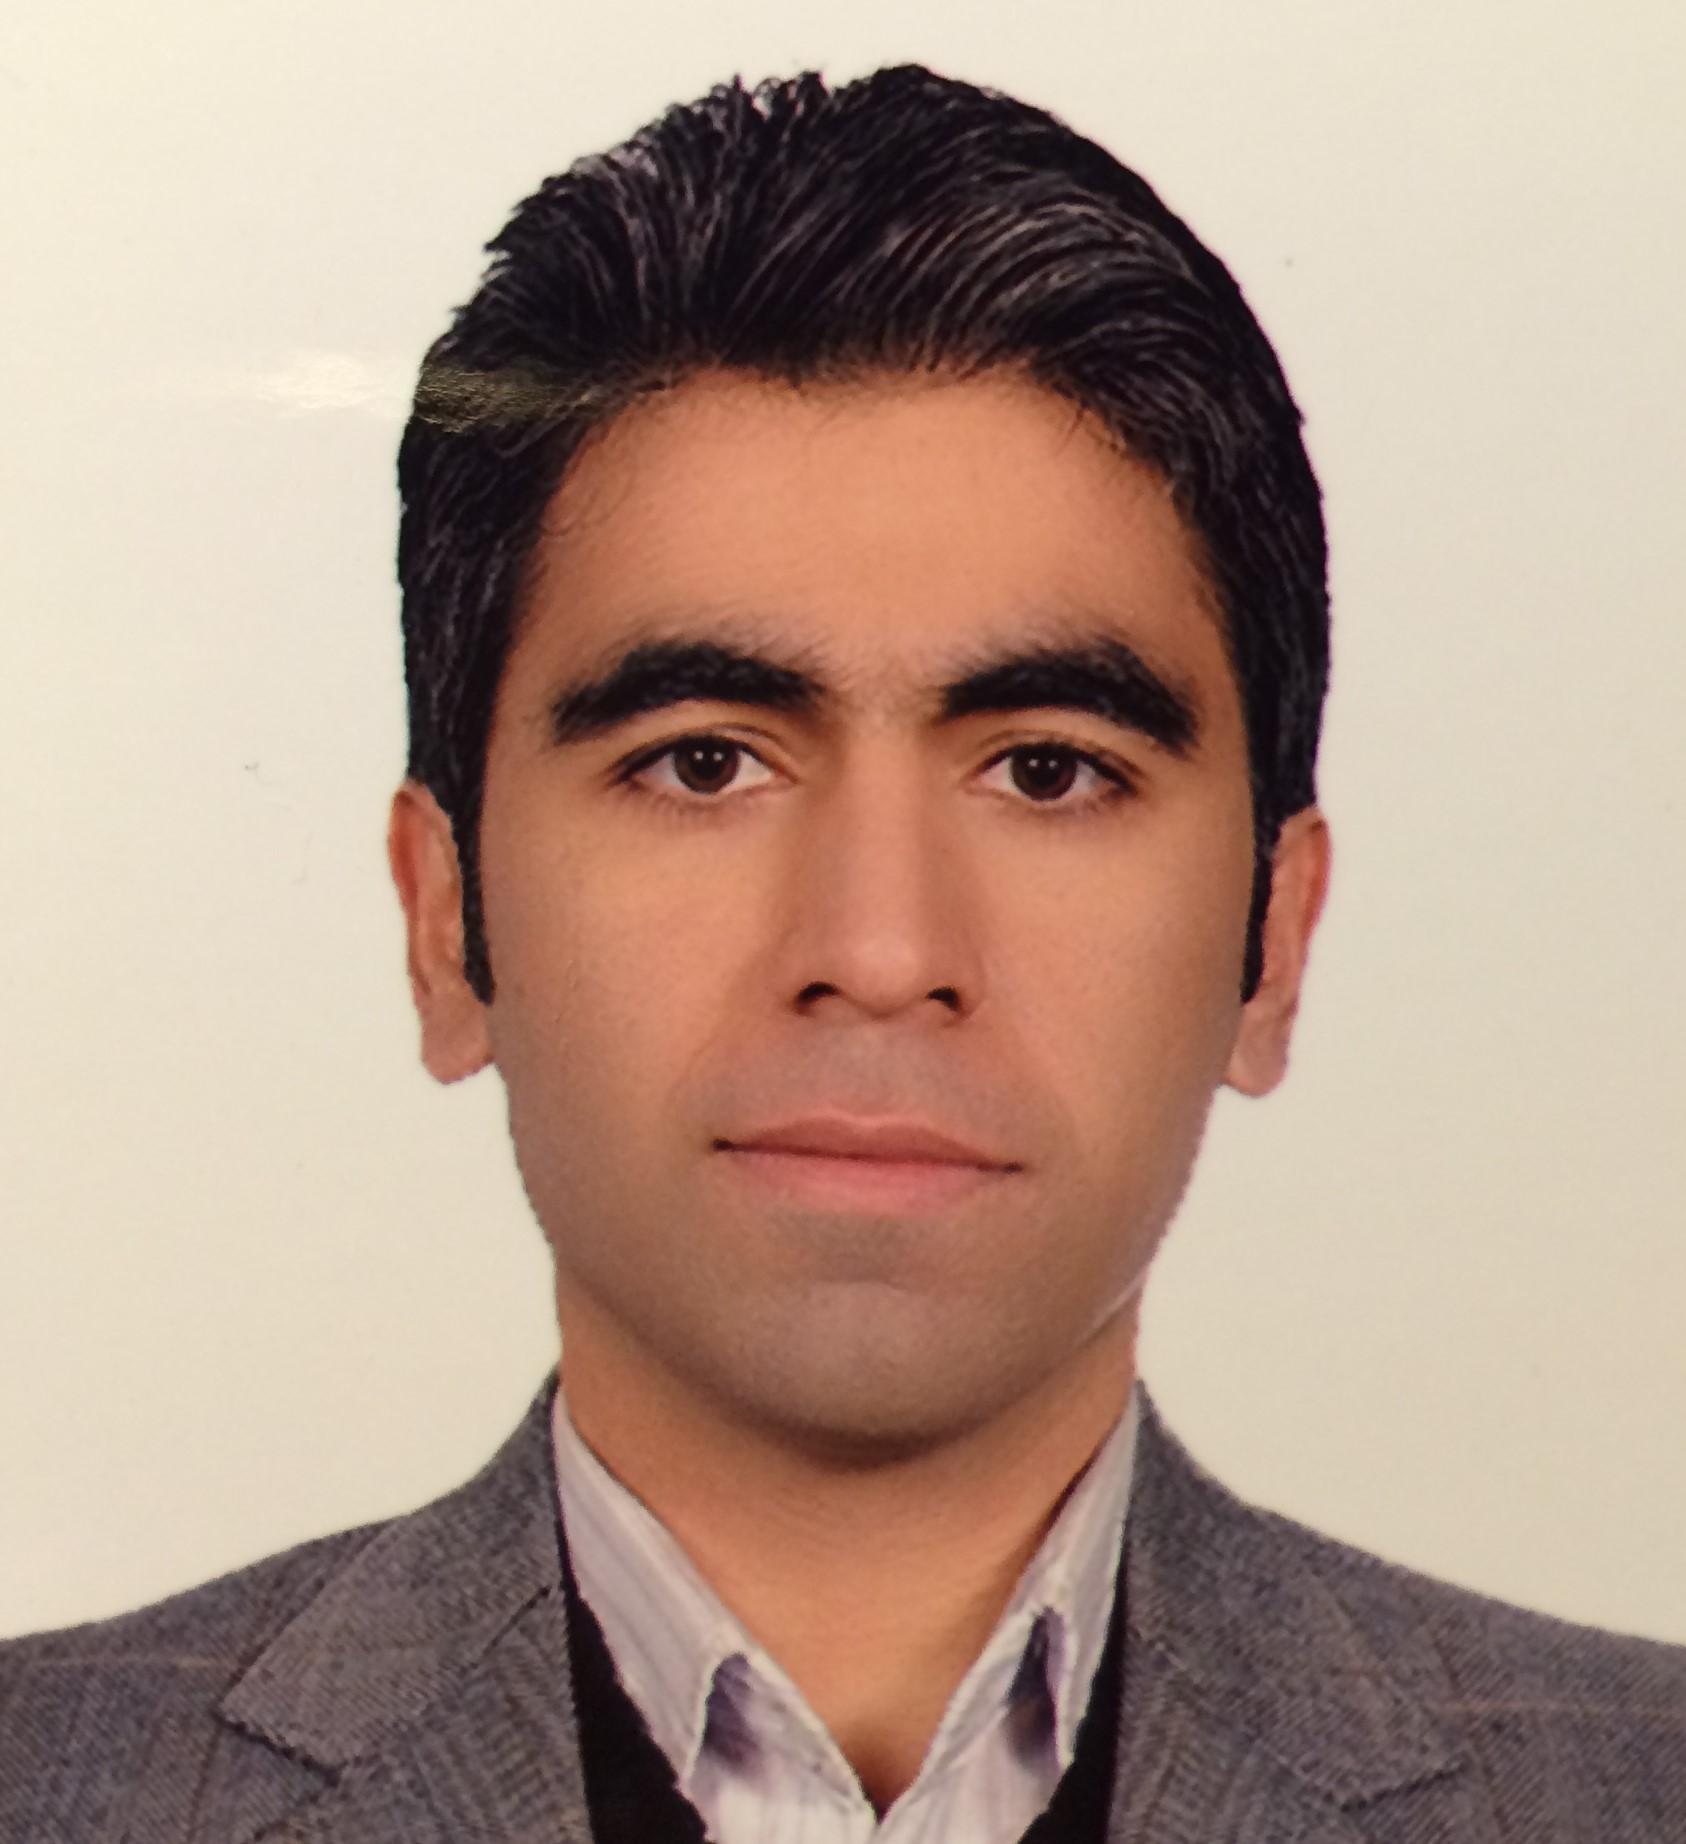 Arash Tarkhan